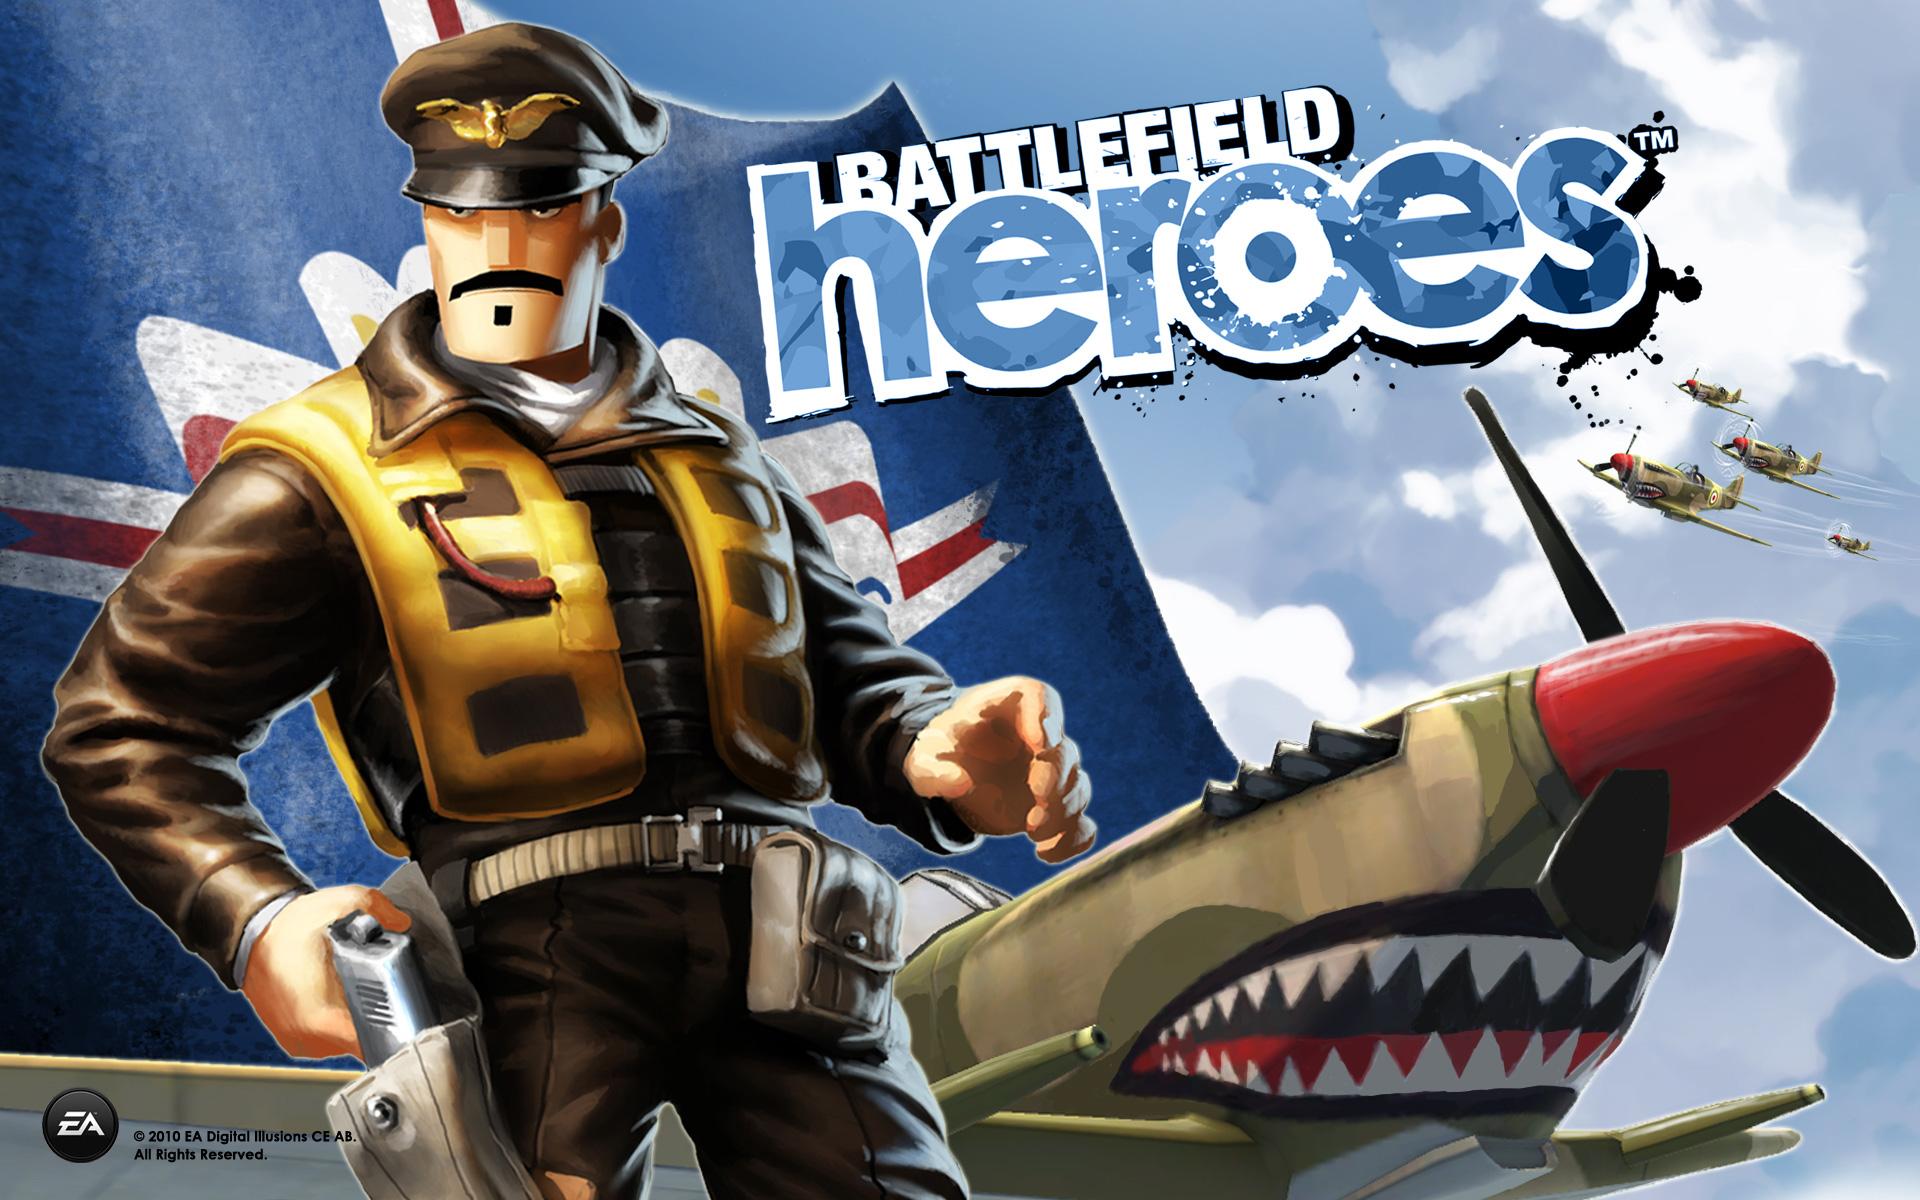 Free Battlefield Heroes Wallpaper in 1920x1200